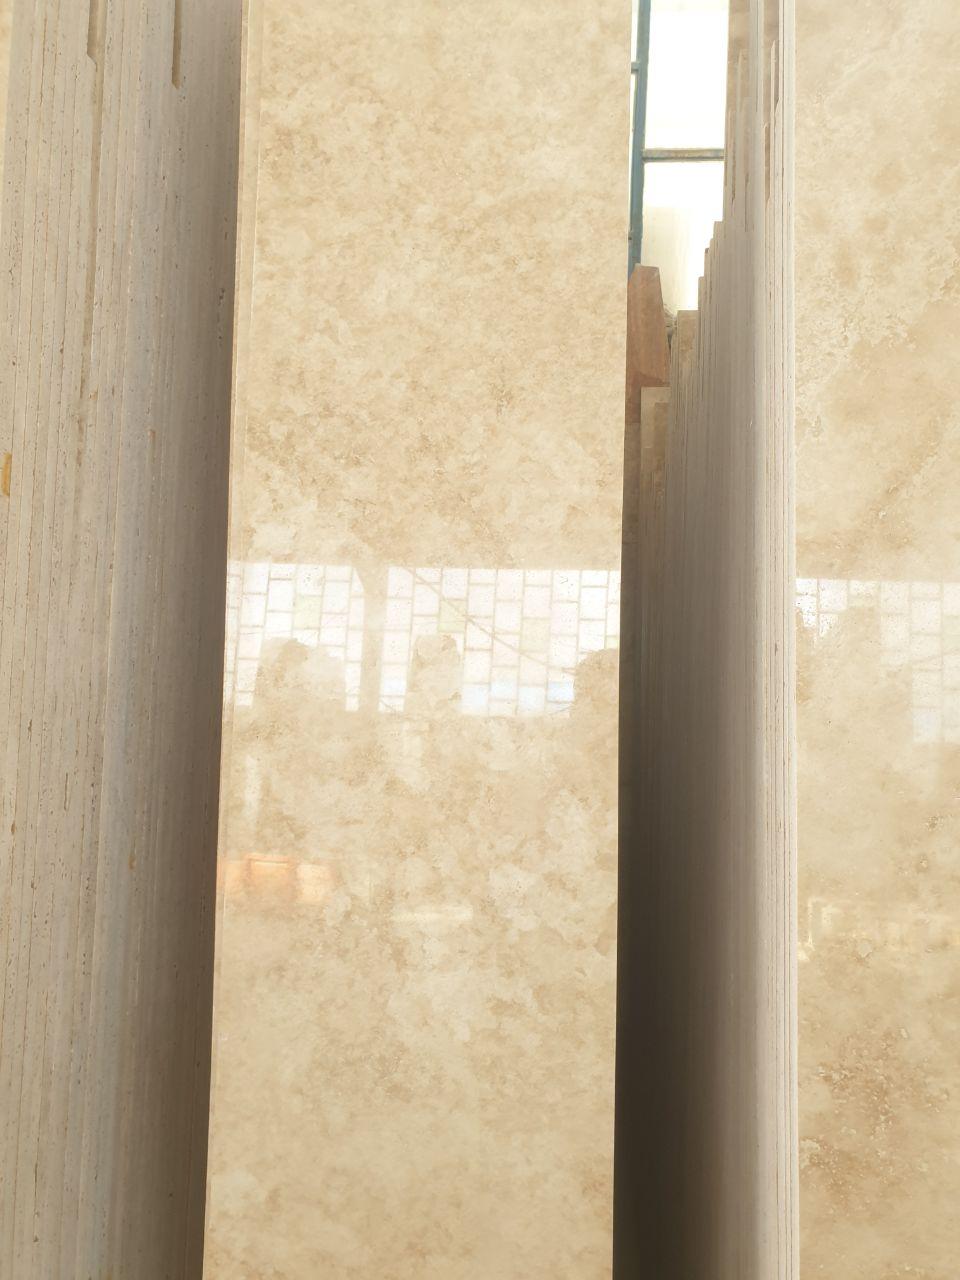 سنگ تراورتن برای نما در اصفهان